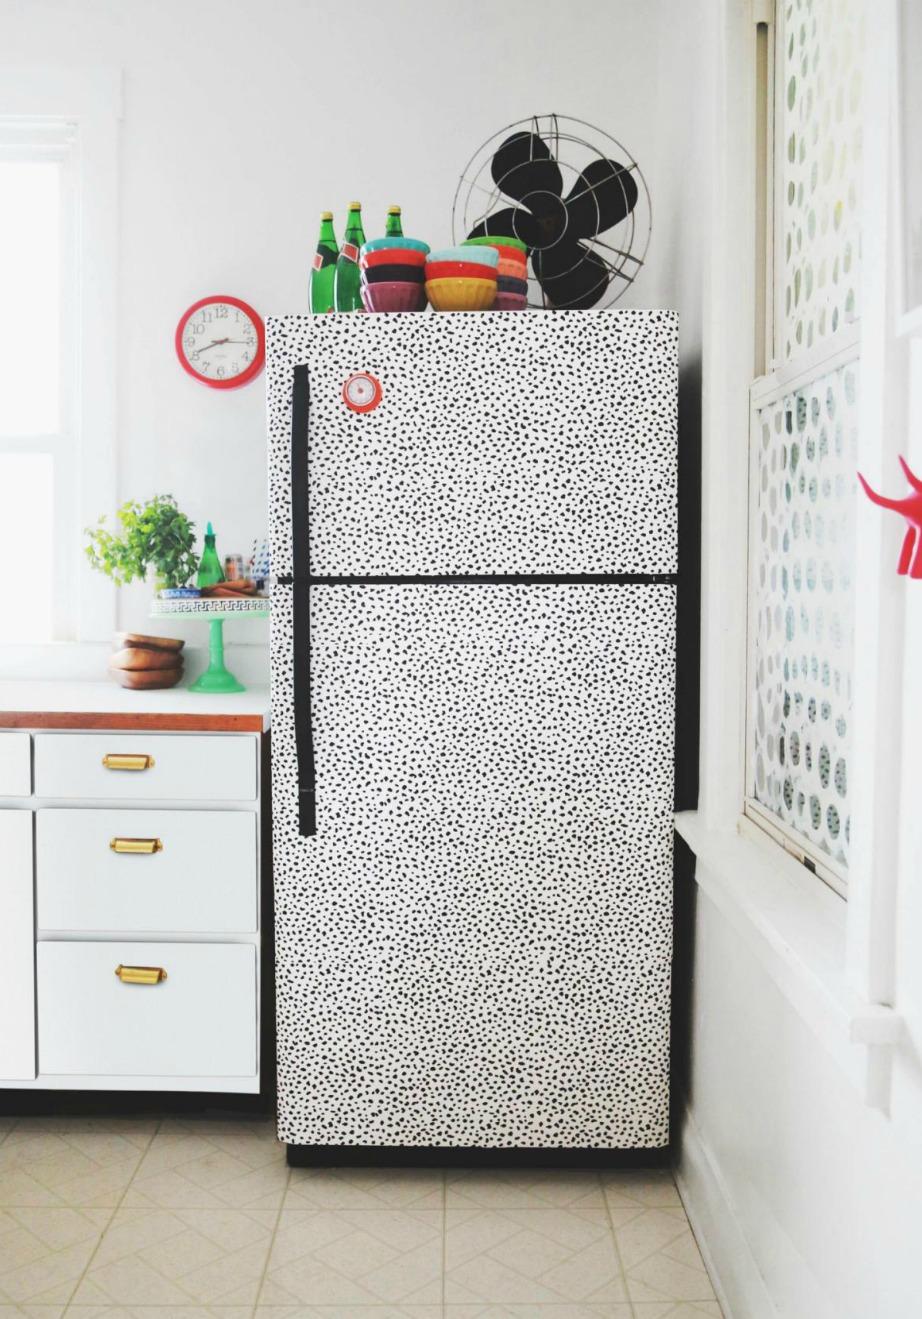 Βρείτε μια ταπετσαρία που σας αρέσει και κολλήστε την πάνω στο ψυγείο σας.